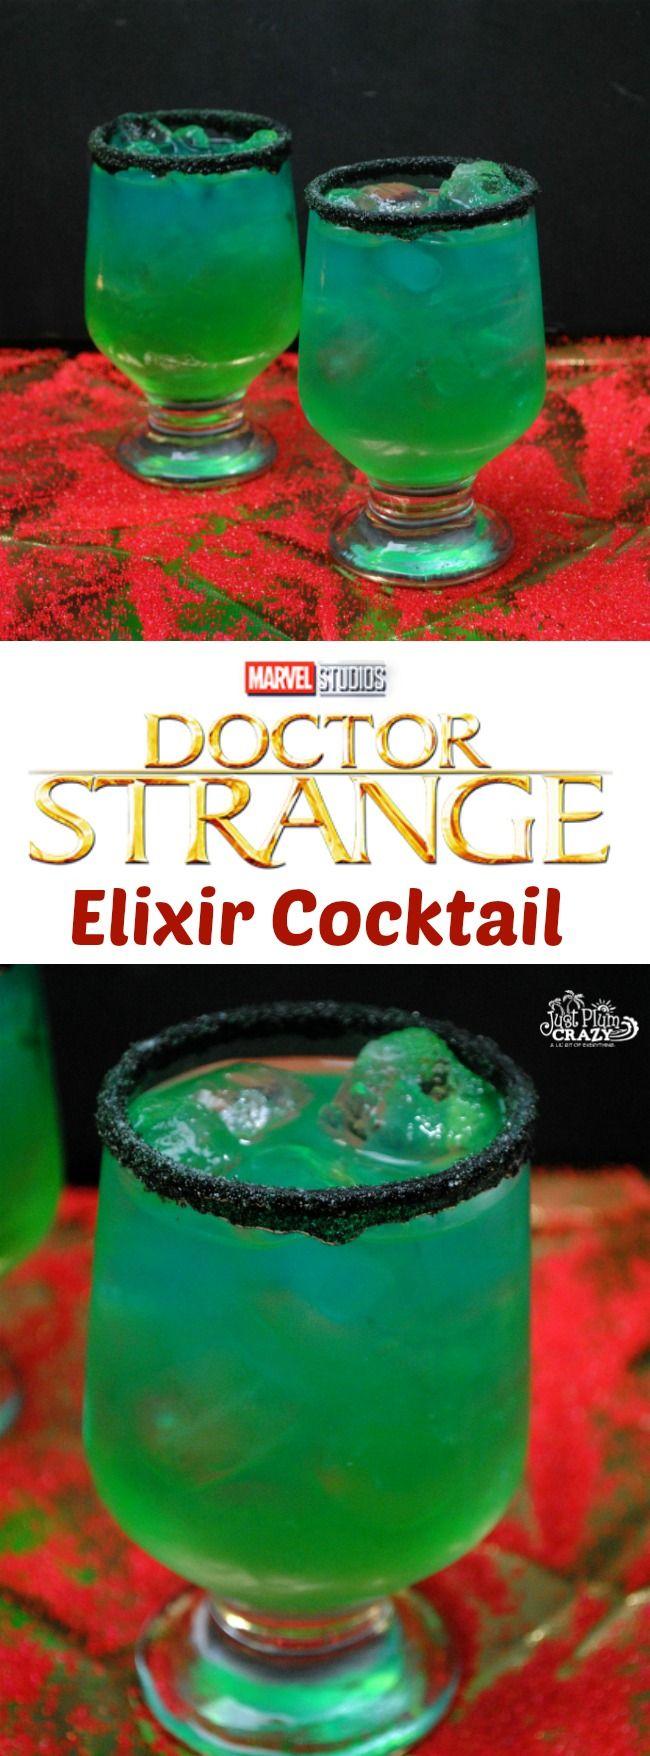 Dr. Strange Elixir Cocktail